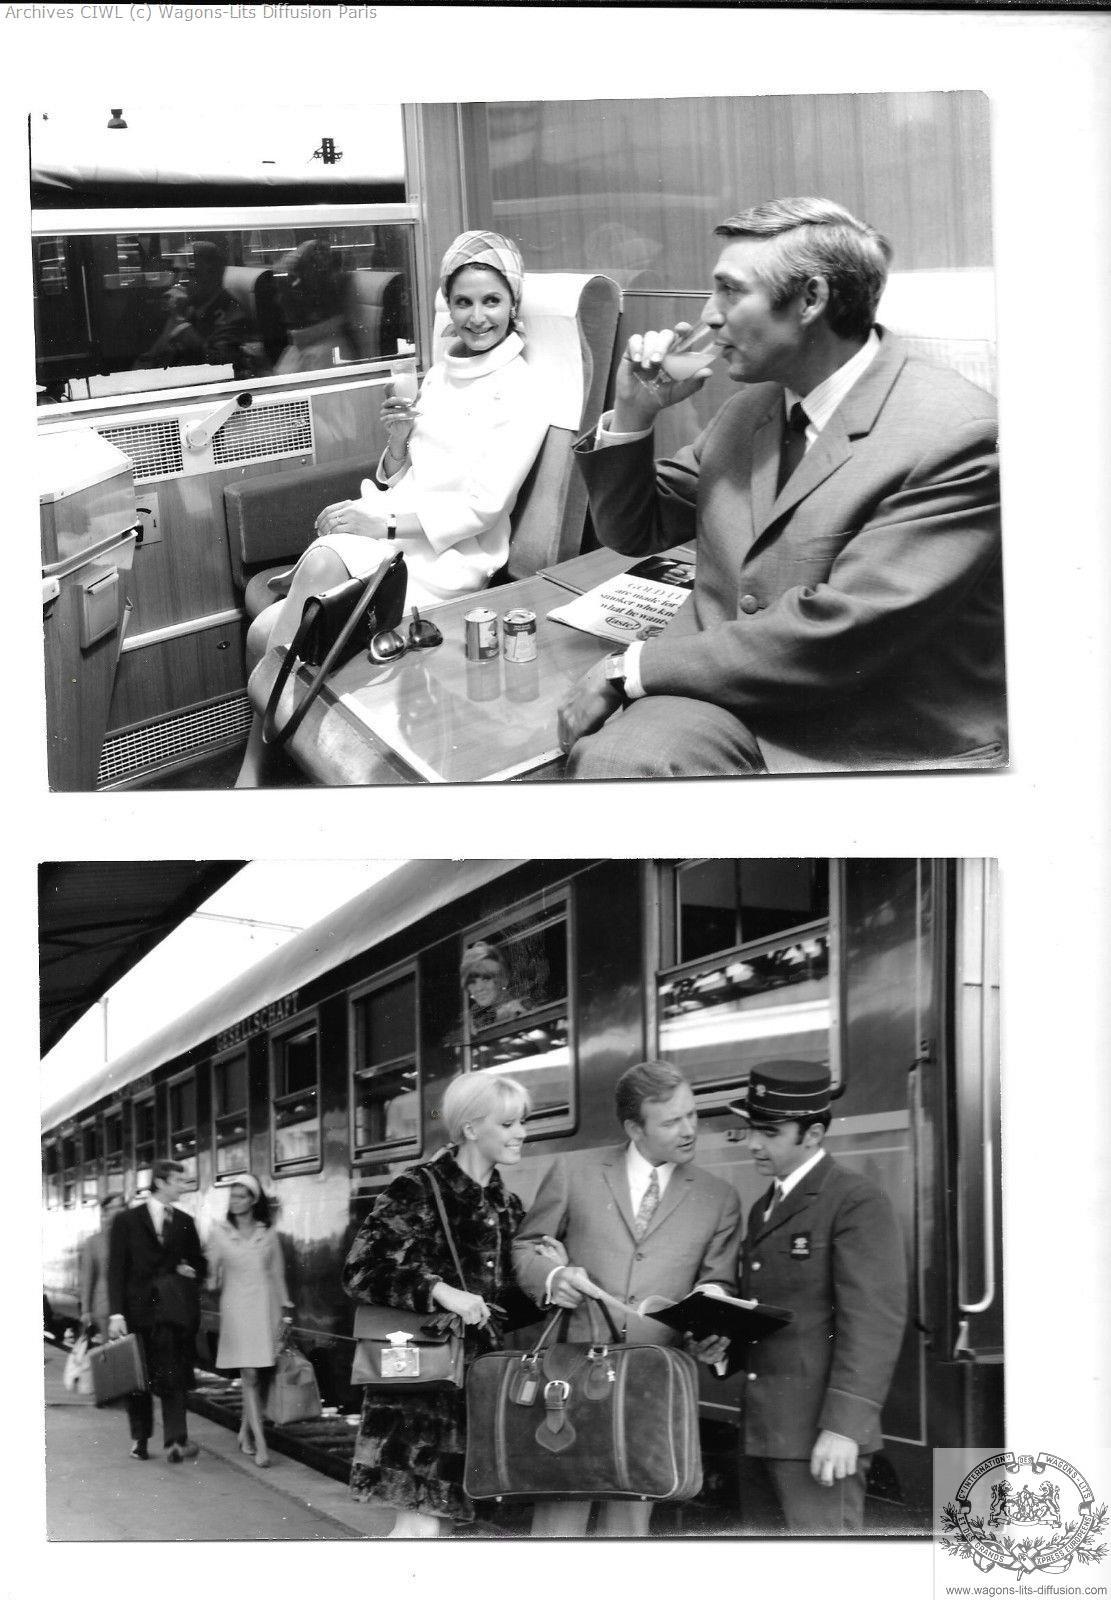 Wl pub photos mu 1960